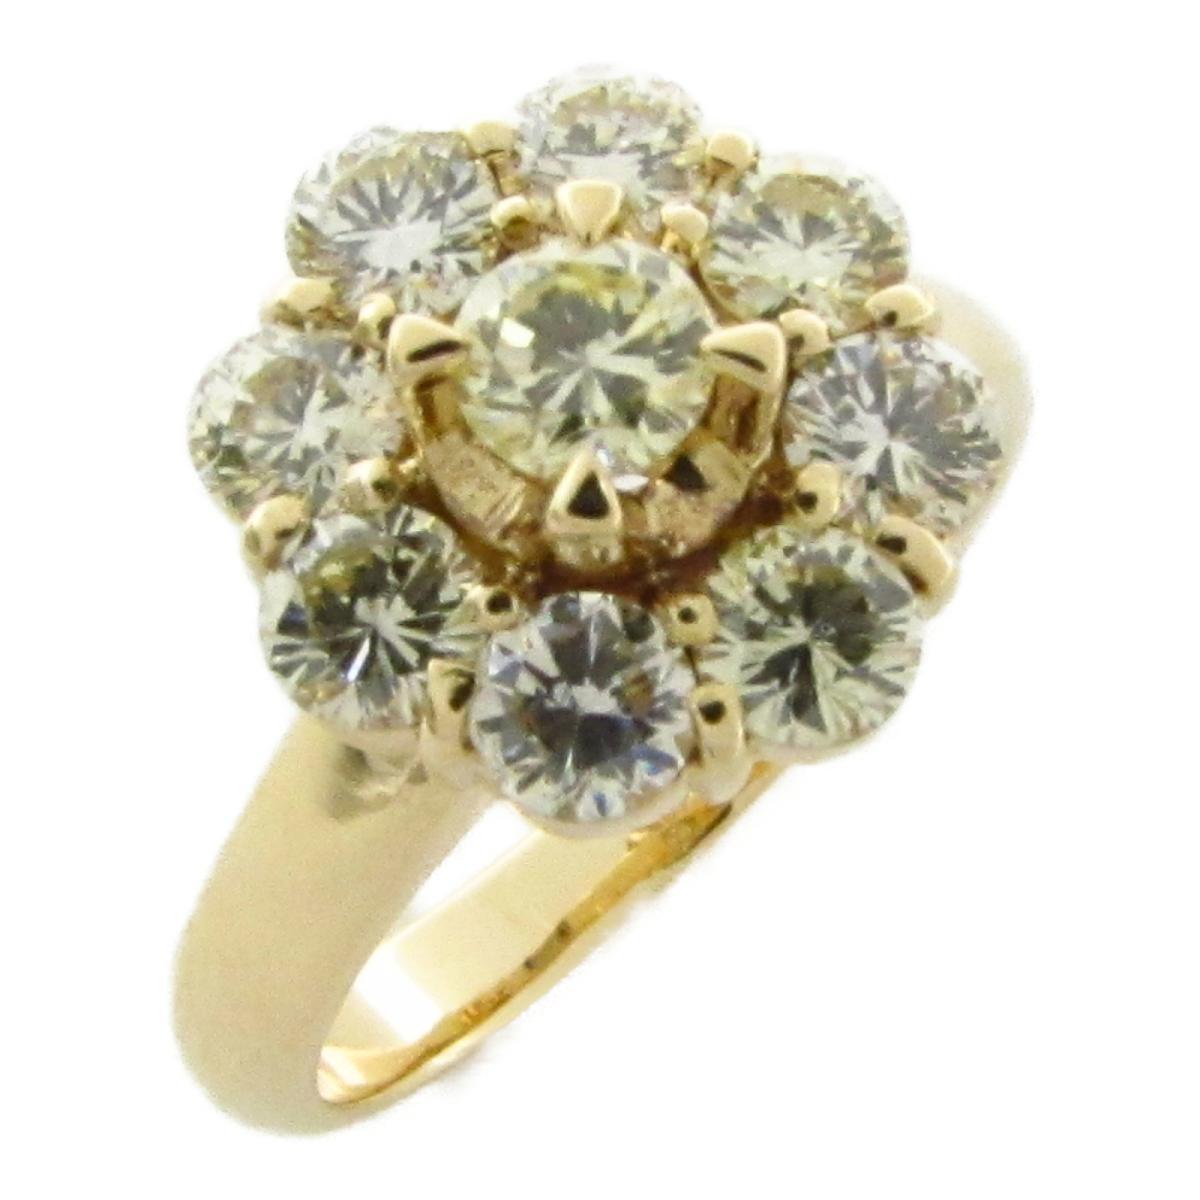 ジュエリー ダイヤモンド リング 指輪 ノーブランドジュエリー レディース K18 (イエローゴールド) x ダイヤモンド1.00ct 【中古】 | JEWELRY BRANDOFF ブランドオフ アクセサリー